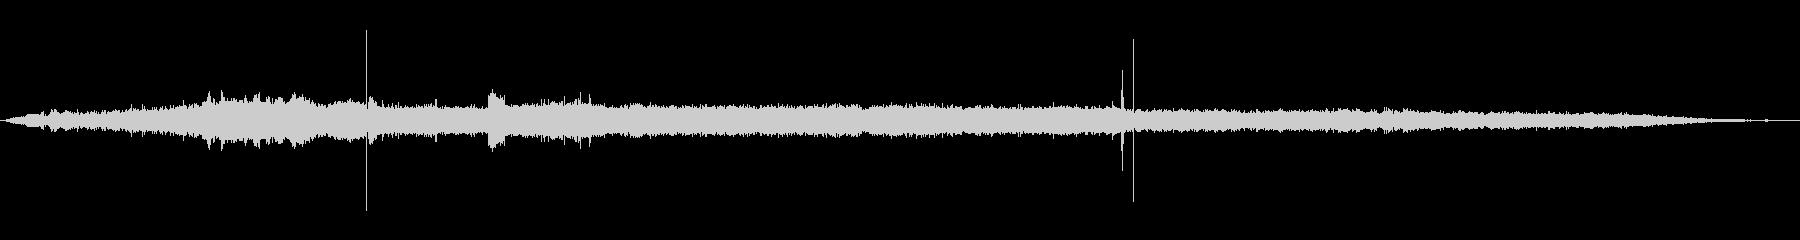 ハードドライブ:コンピュータのスト...の未再生の波形